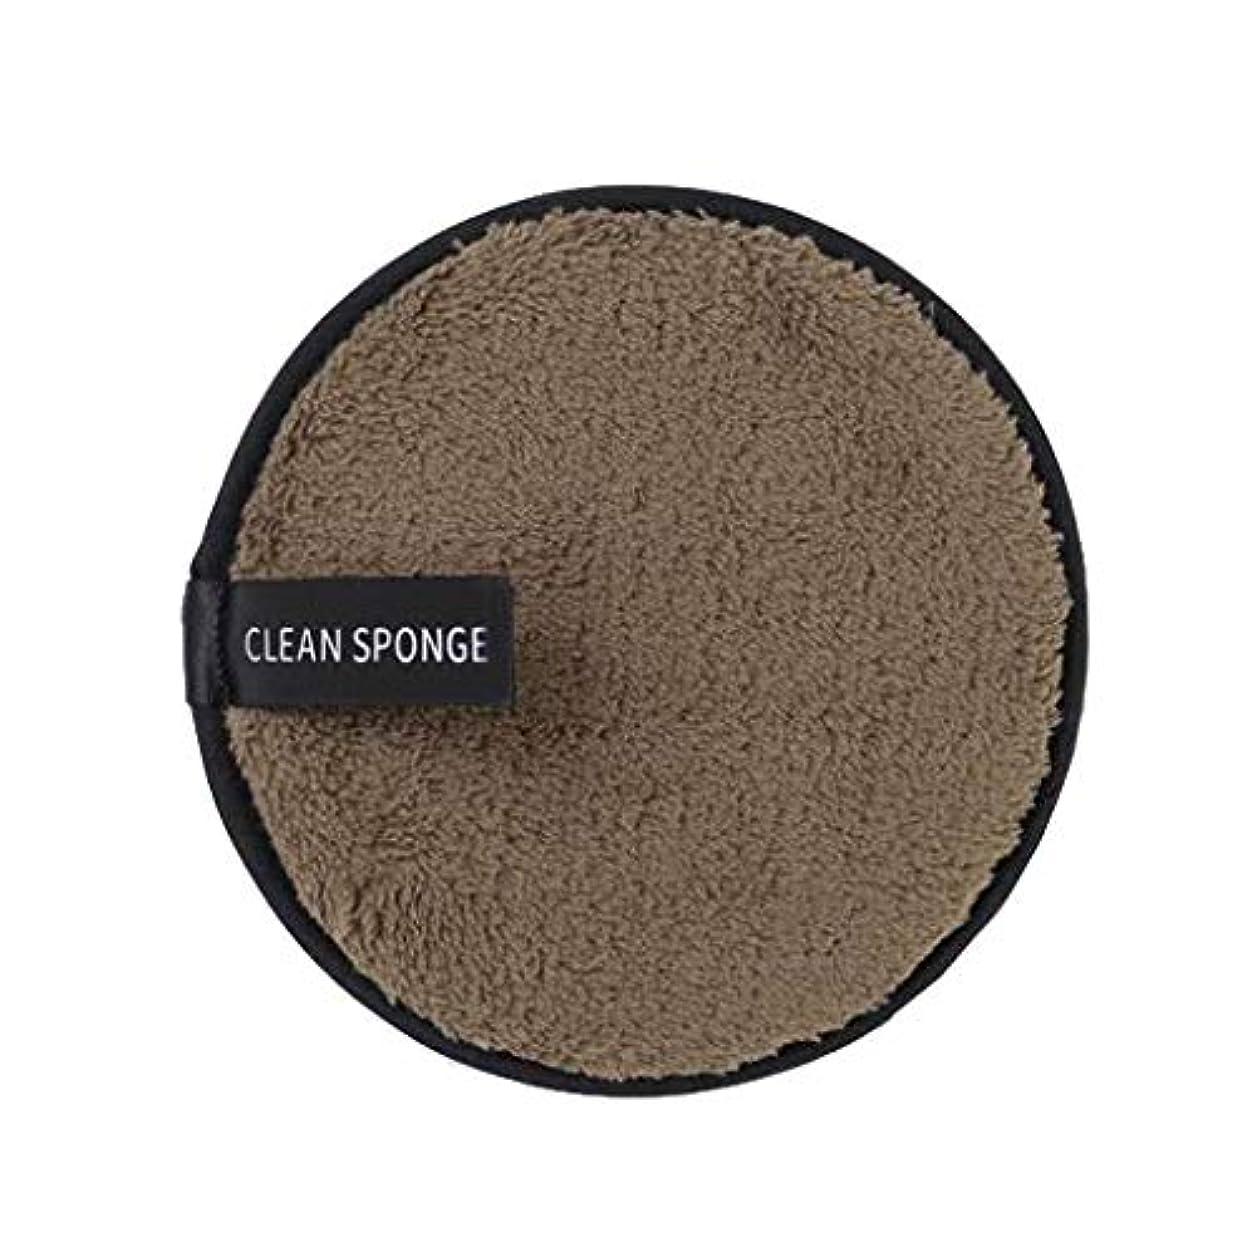 前に沈黙一般Dadela Clean Spongeマイクロファイバーク ロスパッド クリアウォーターレイジー メイクアップ メイク落としパウダー リムーバー クレンジングパフ スキンケア 両面 極細 再利用可能 快適 洗顔 (B)